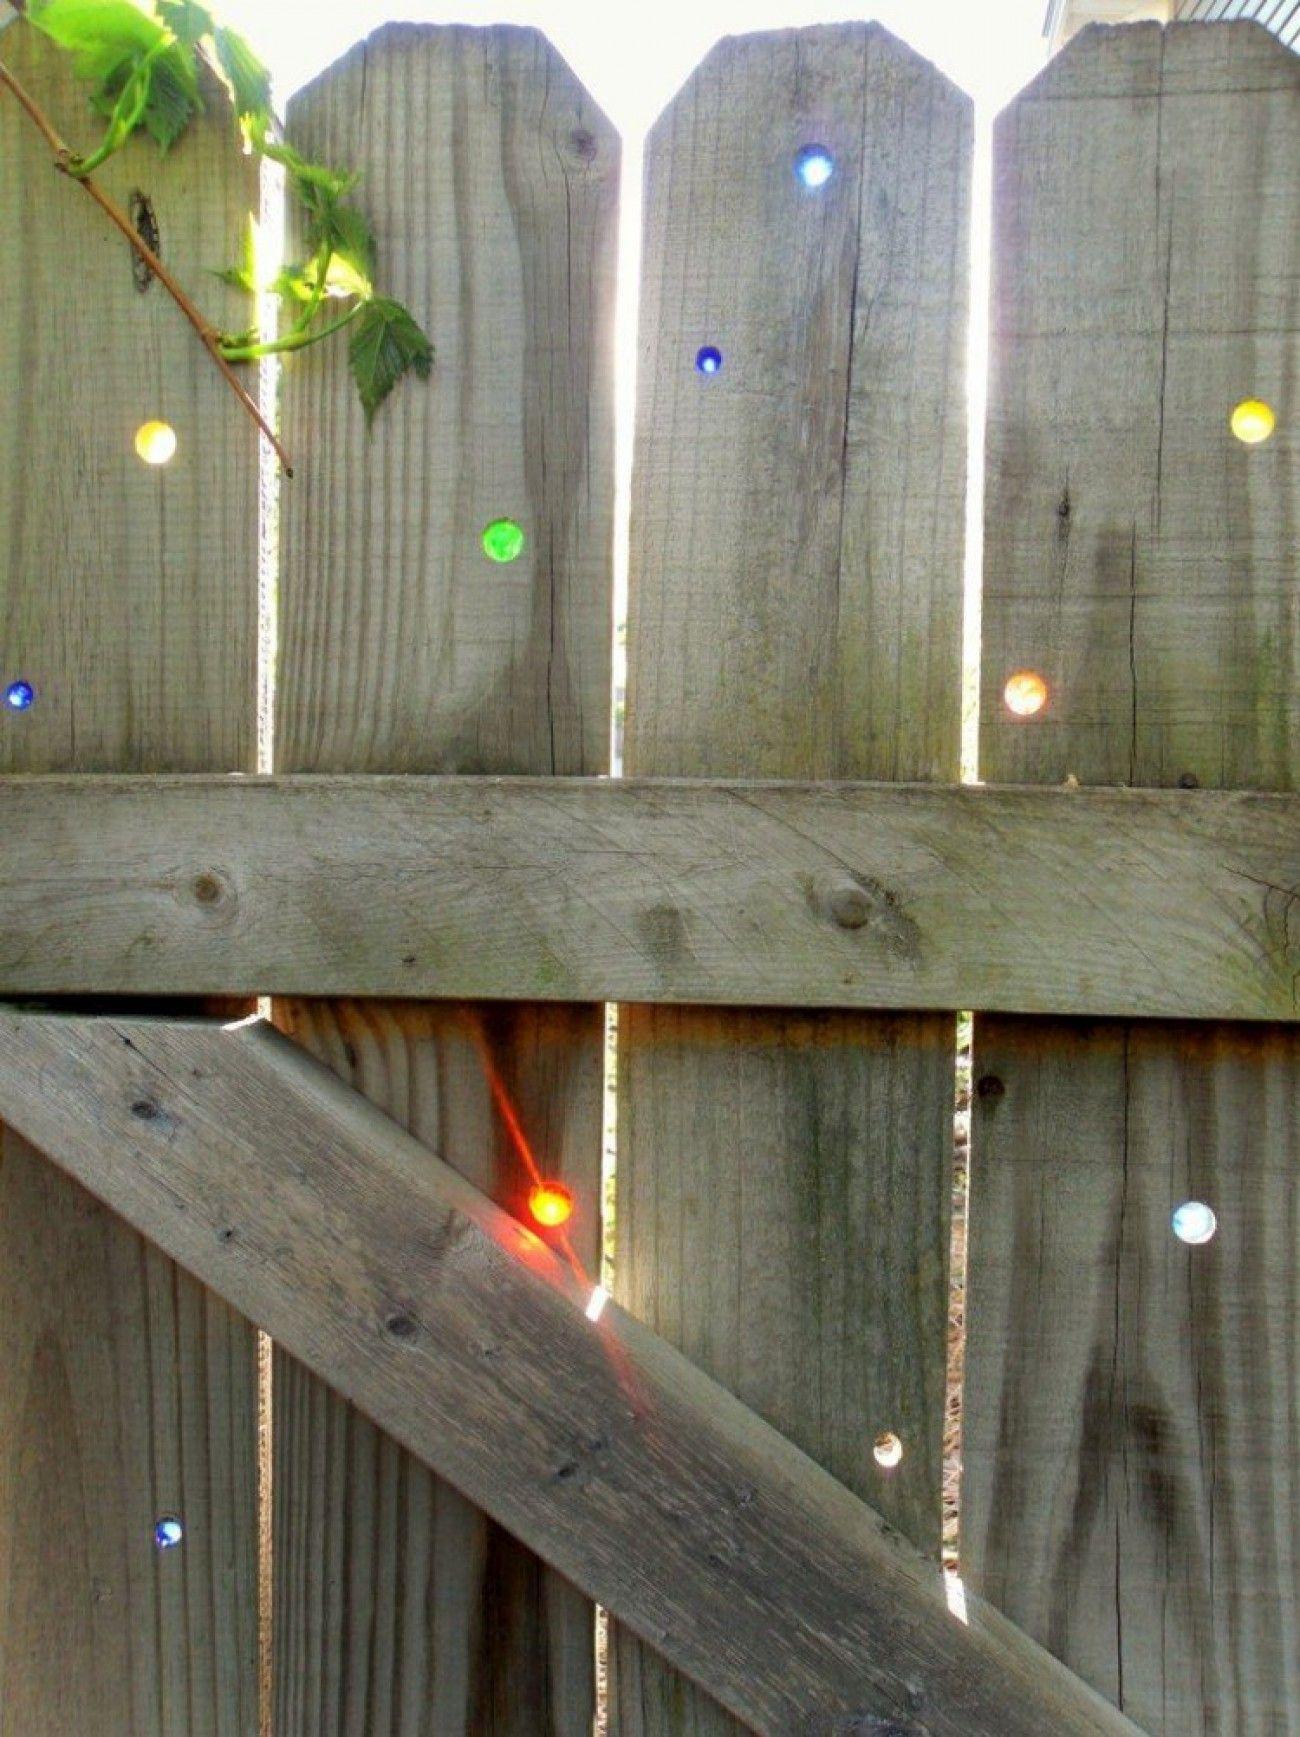 Coole und farbenfrohe Idee für den Garten Löcher im Gartenzaun